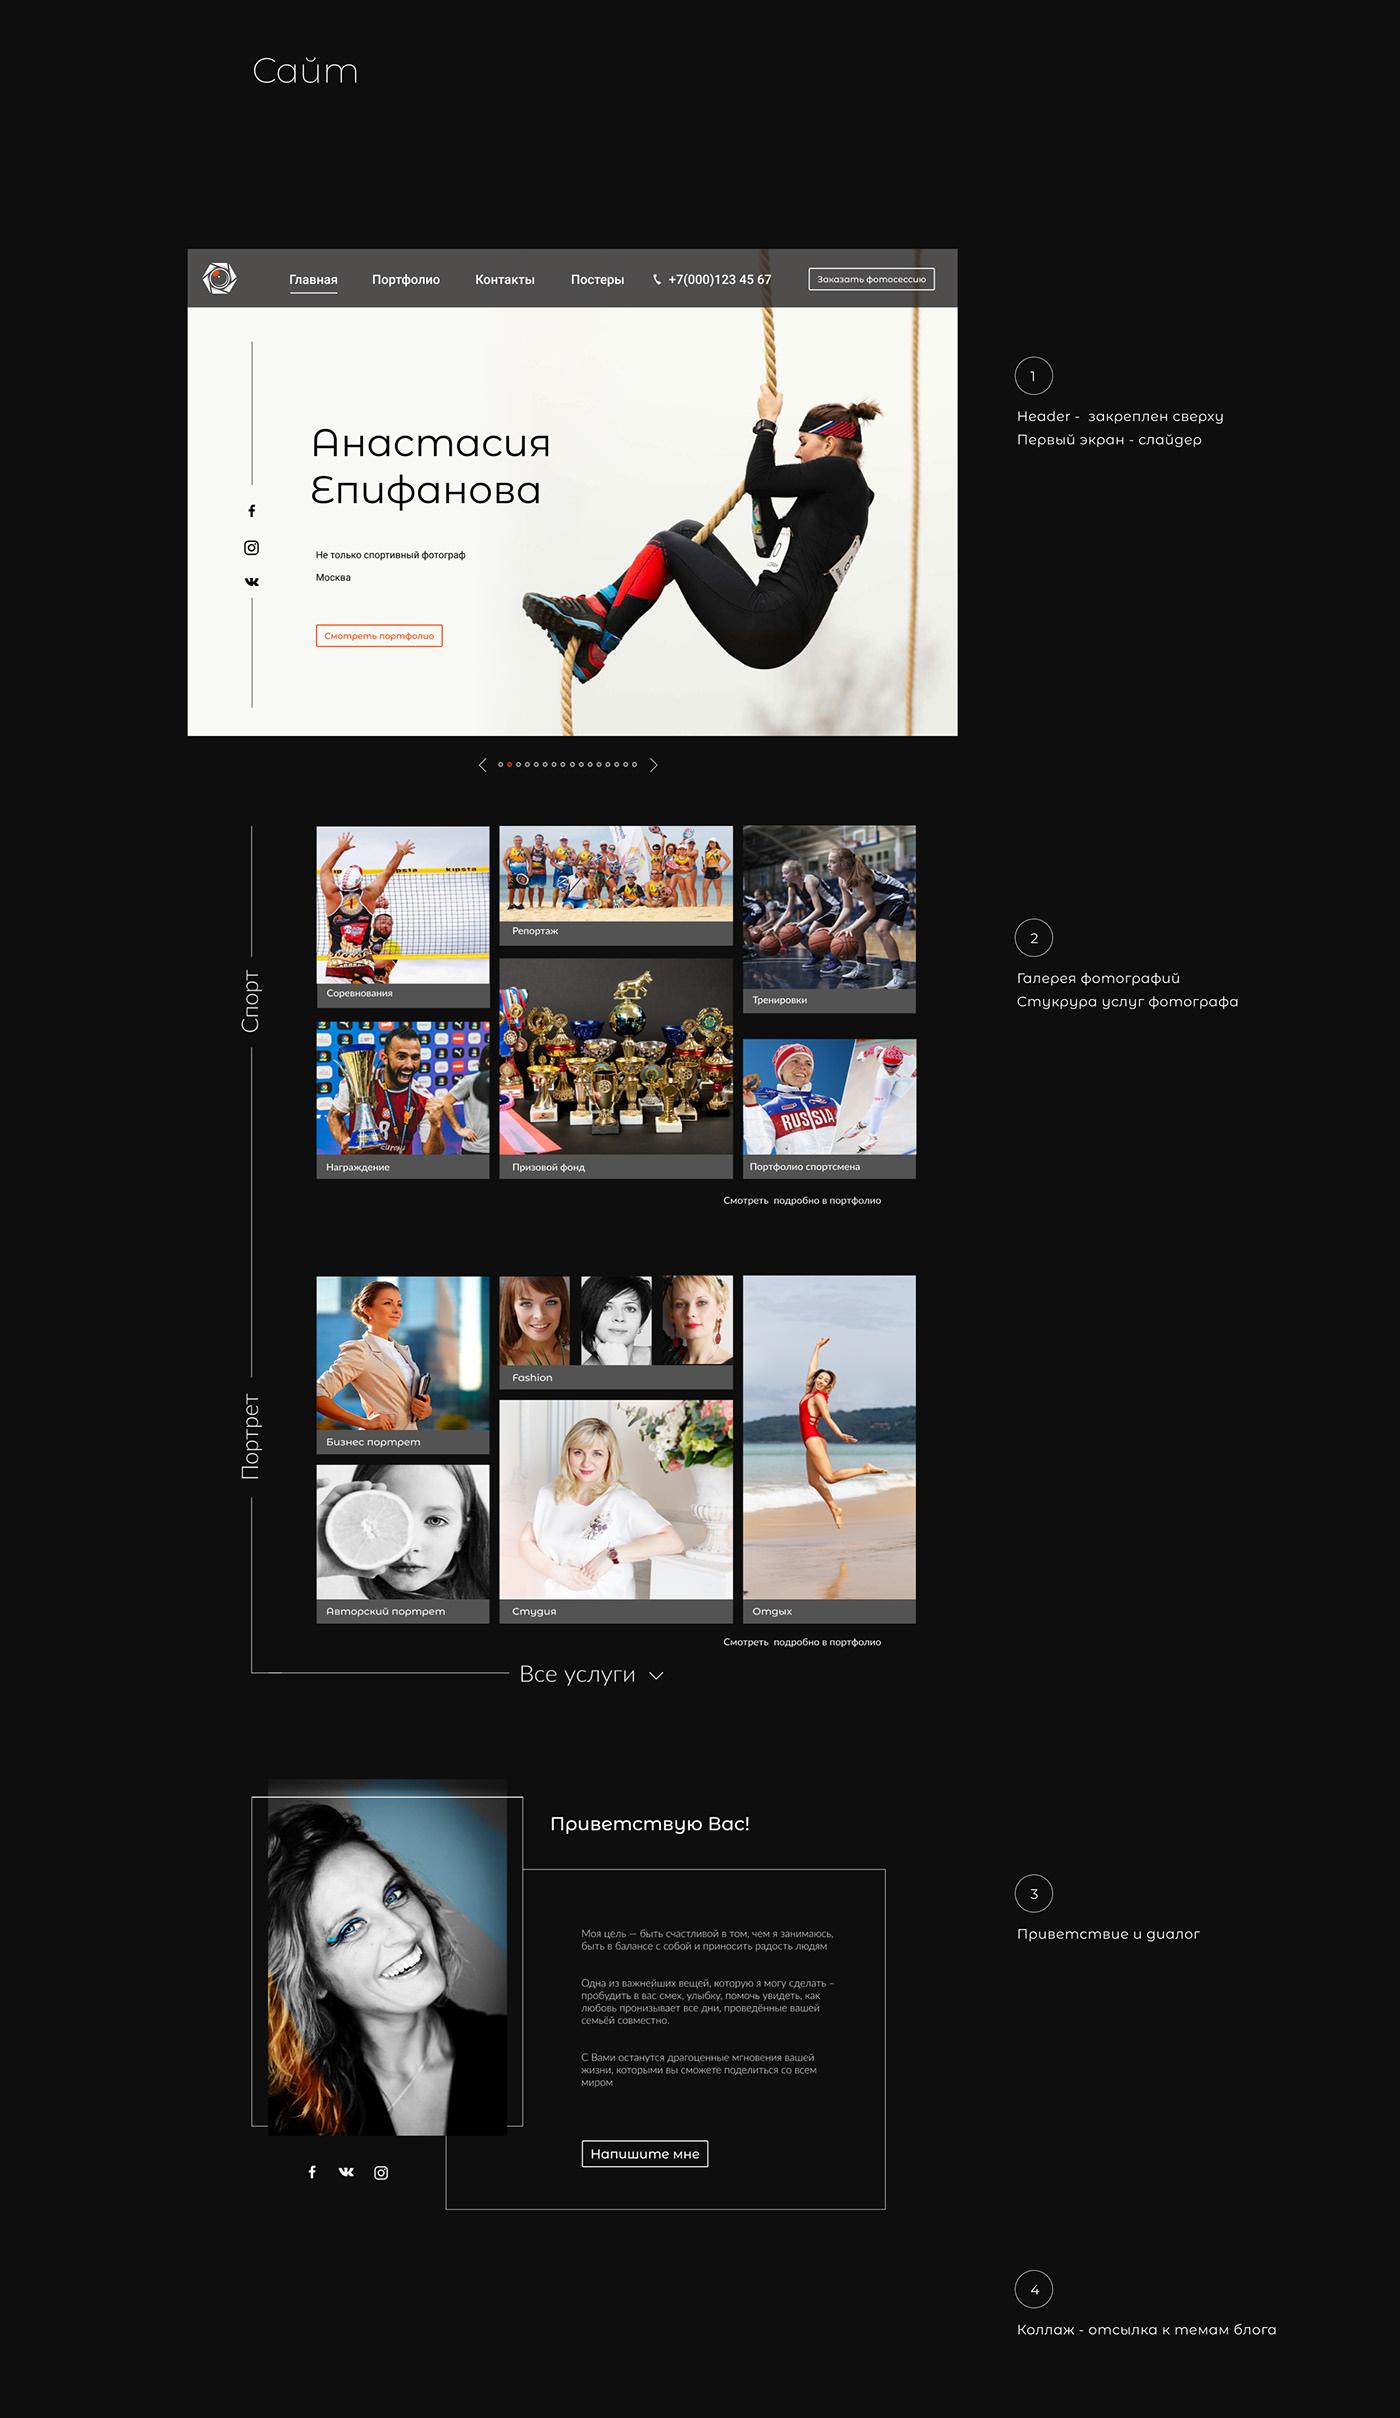 PHOTOGRAFER'S SITE Главная страница сайта ЕПИФАНОВА  ФОТОГРАФ логотип для фотографа сайт для фотографа ui kit Сайт фотографа